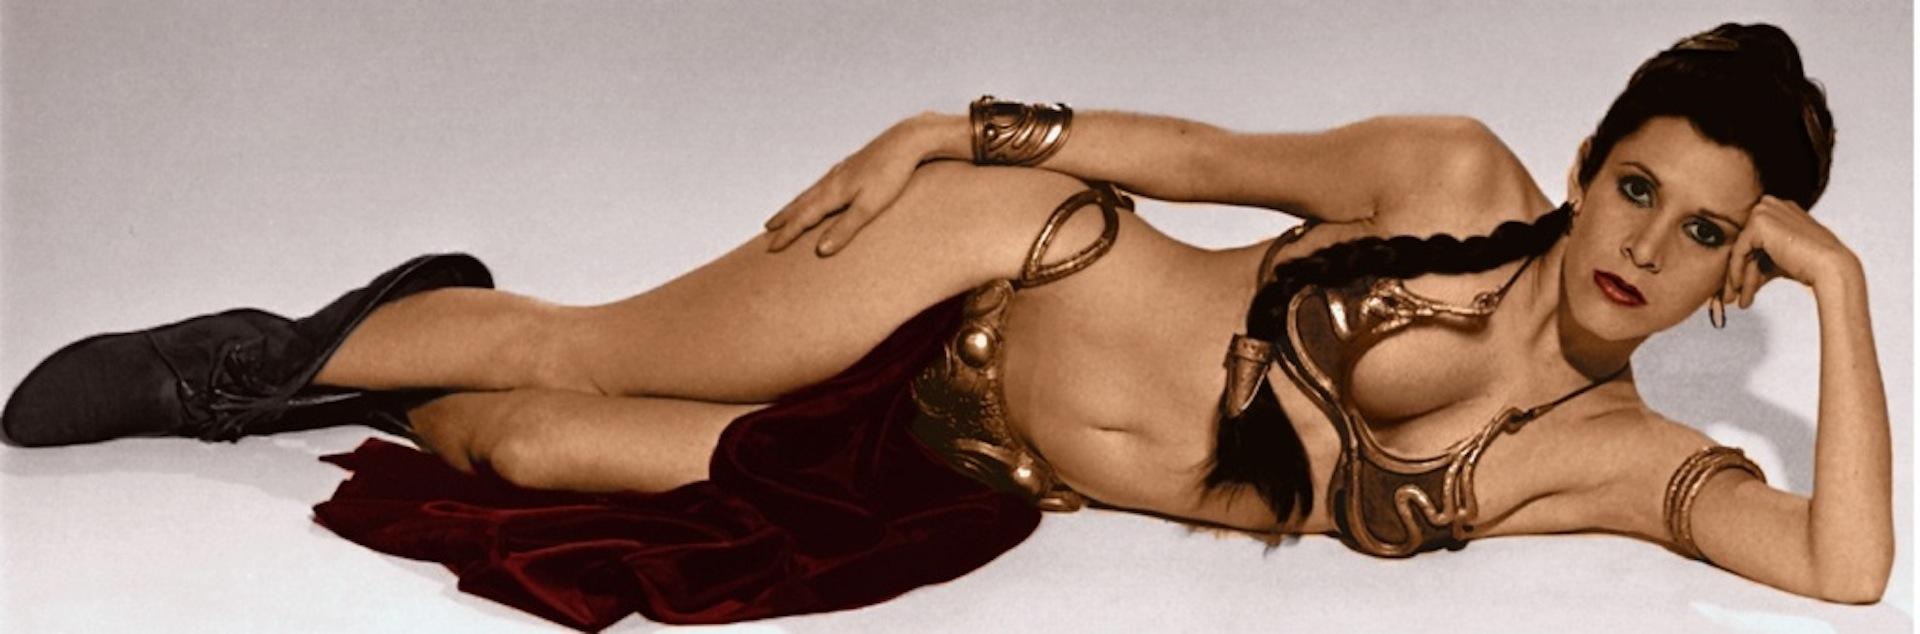 Pricesa Leia con bikini de esclava